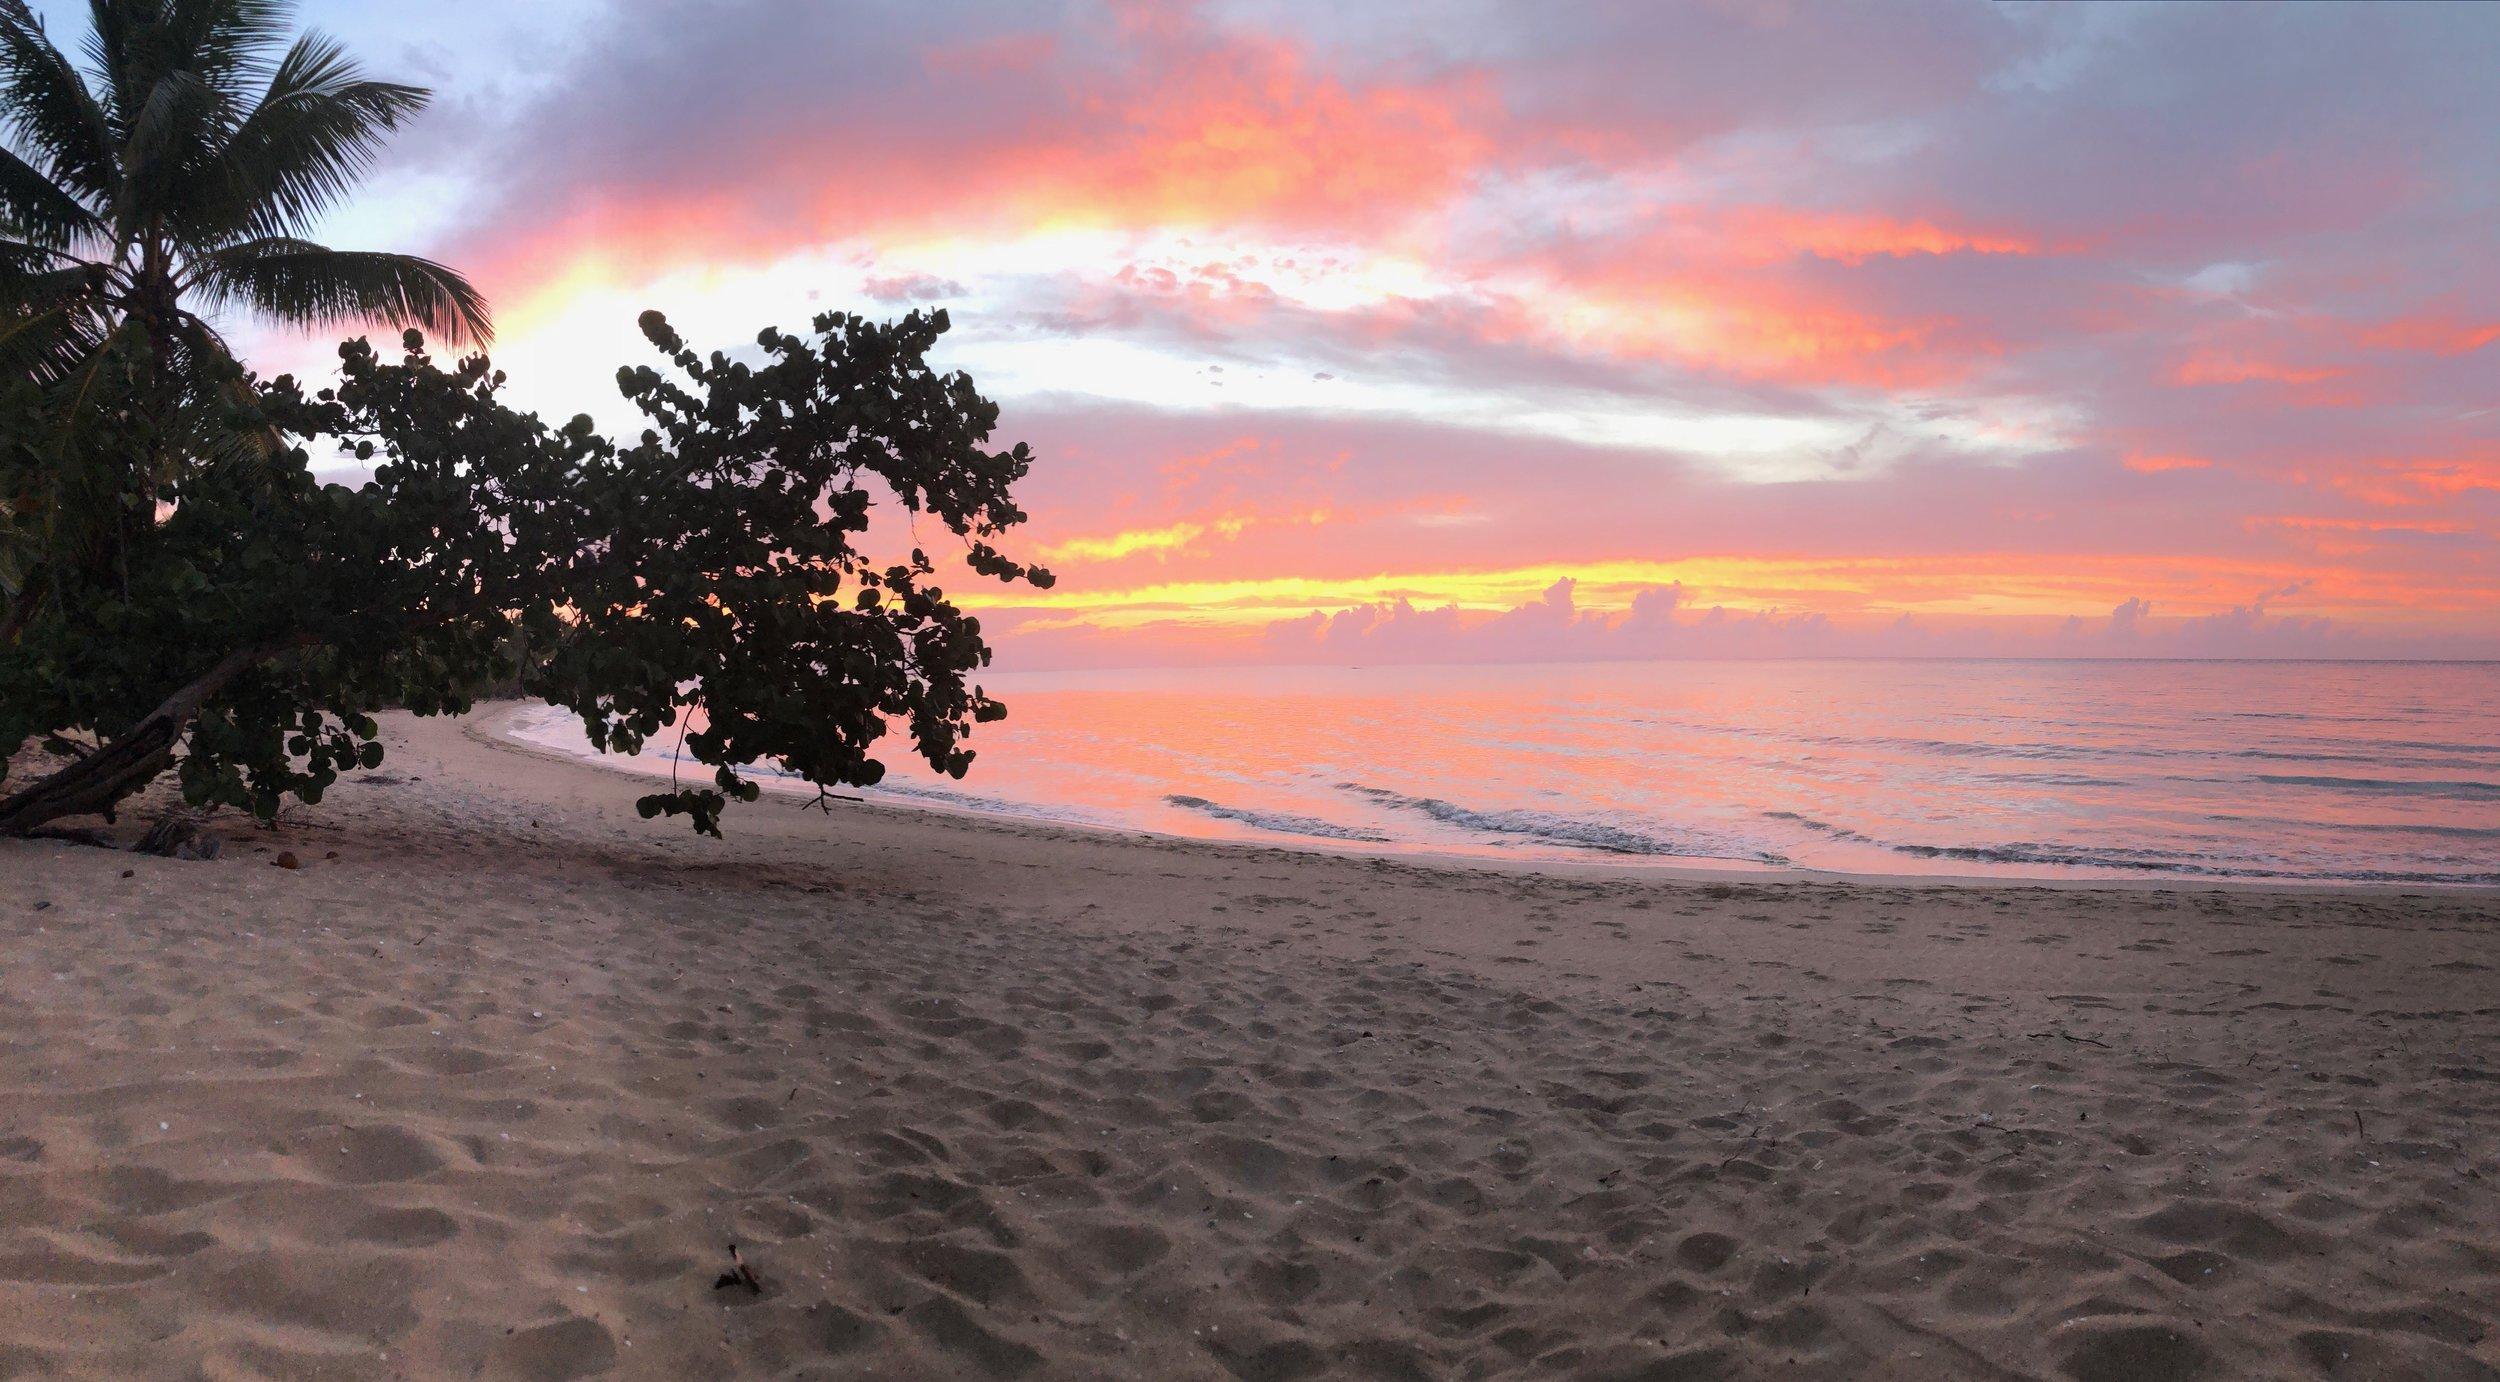 Sunset over Samana